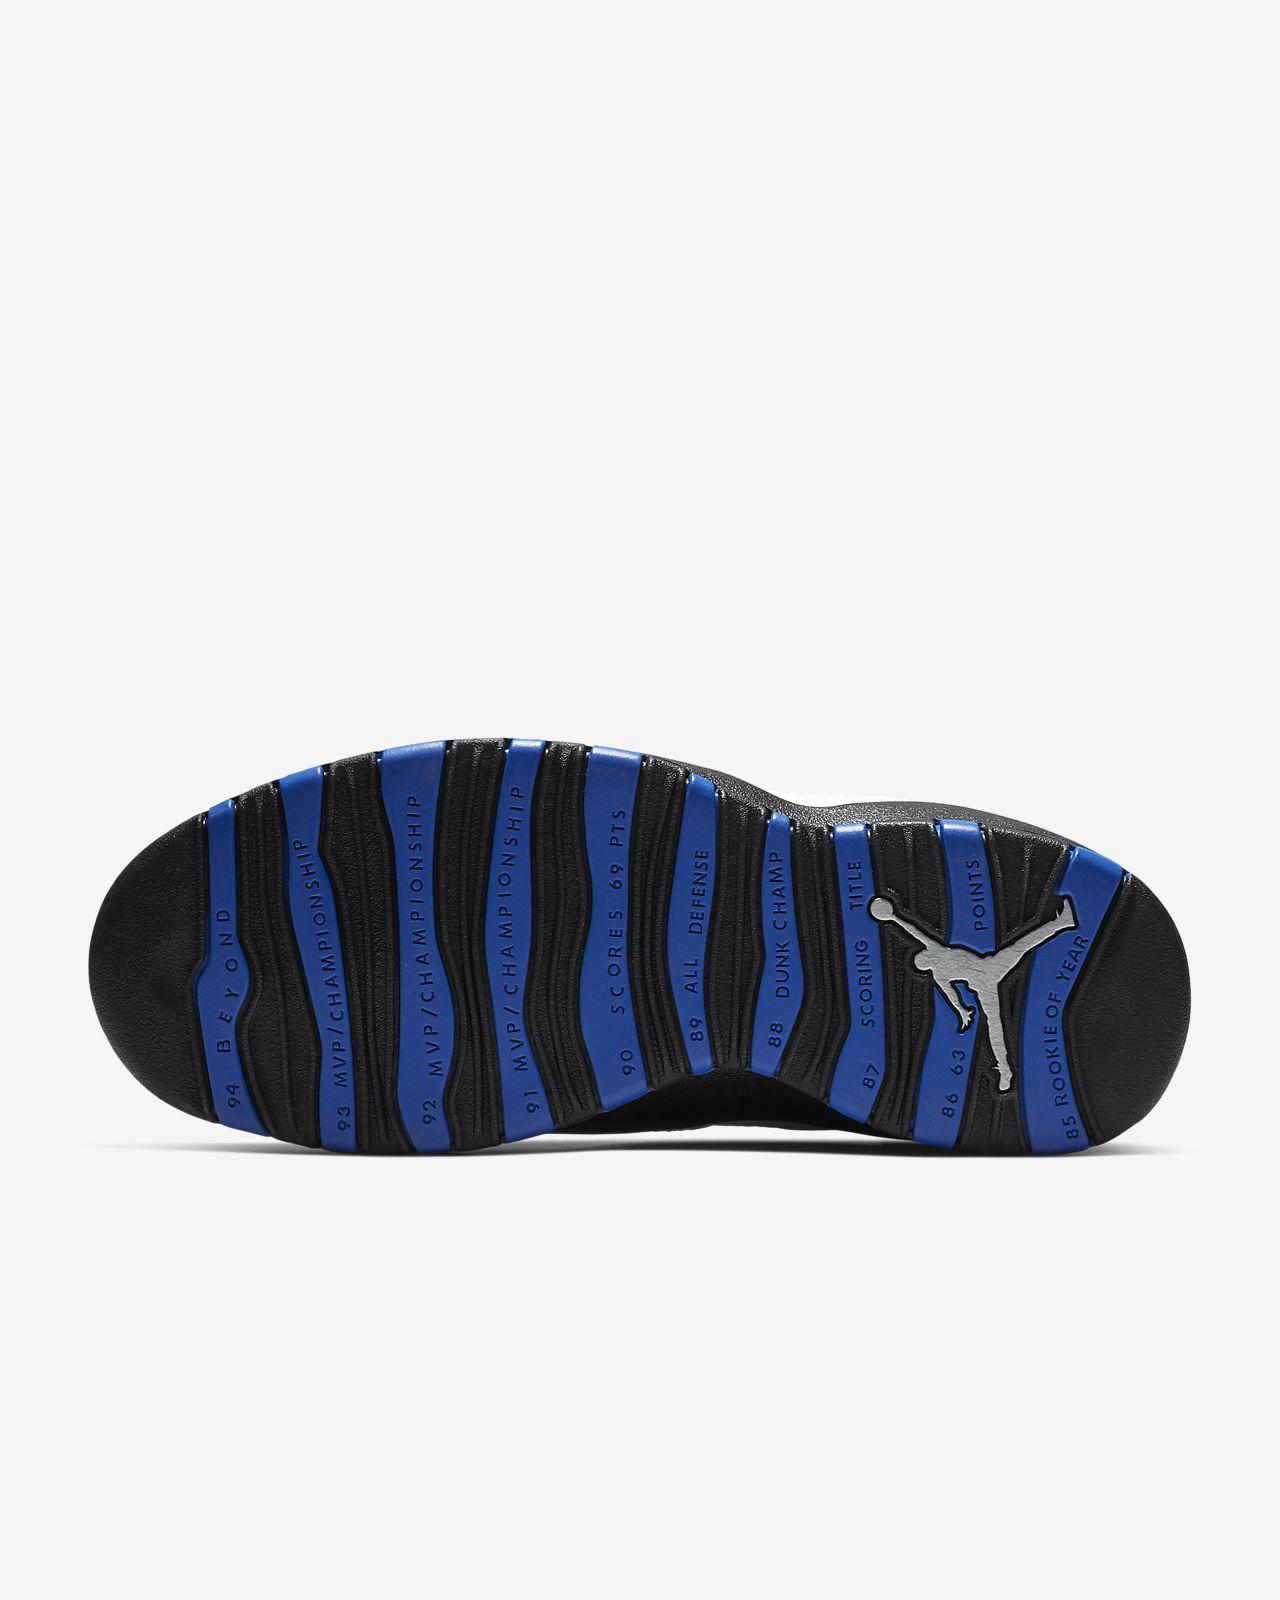 2aef587584d Air Jordan 10 Retro Men's Shoe. Nike.com SG